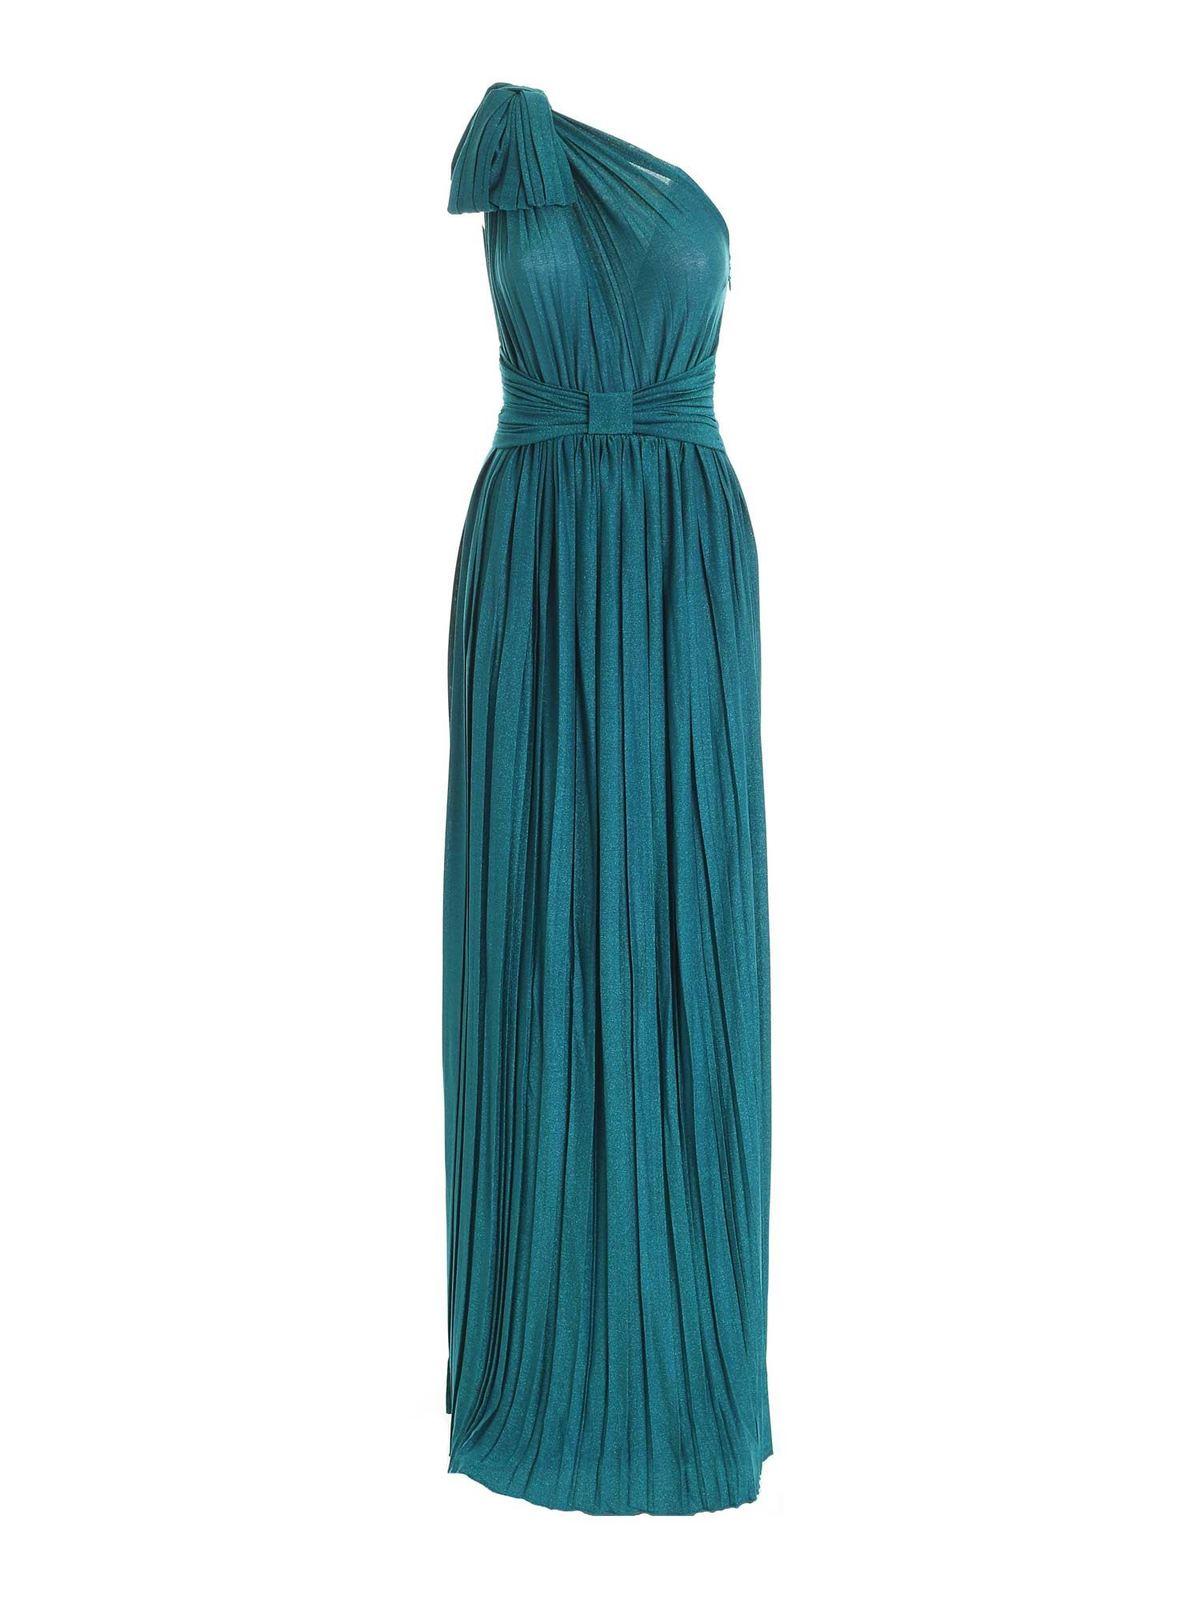 Elisabetta Franchi ONE-SHOULDER DRESS IN LAME TEAL BLUE COLOR